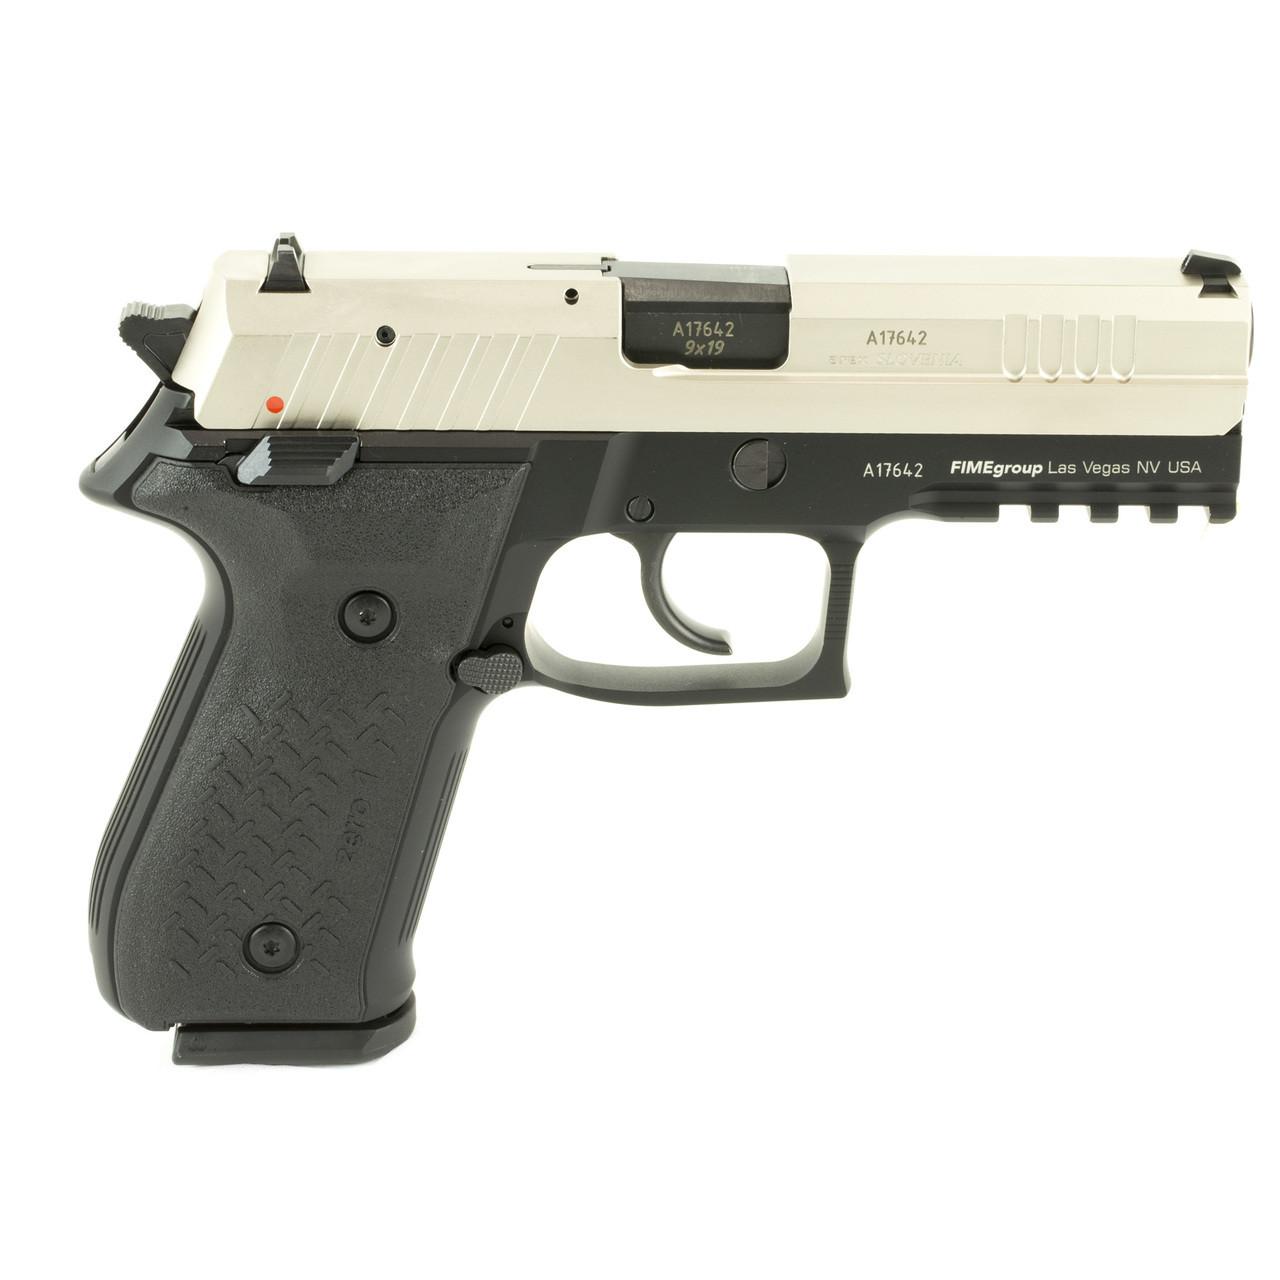 Fime Group Rex Zero 1S, Semi-automatic Pistol, DA/SA, 9MM, 4 3